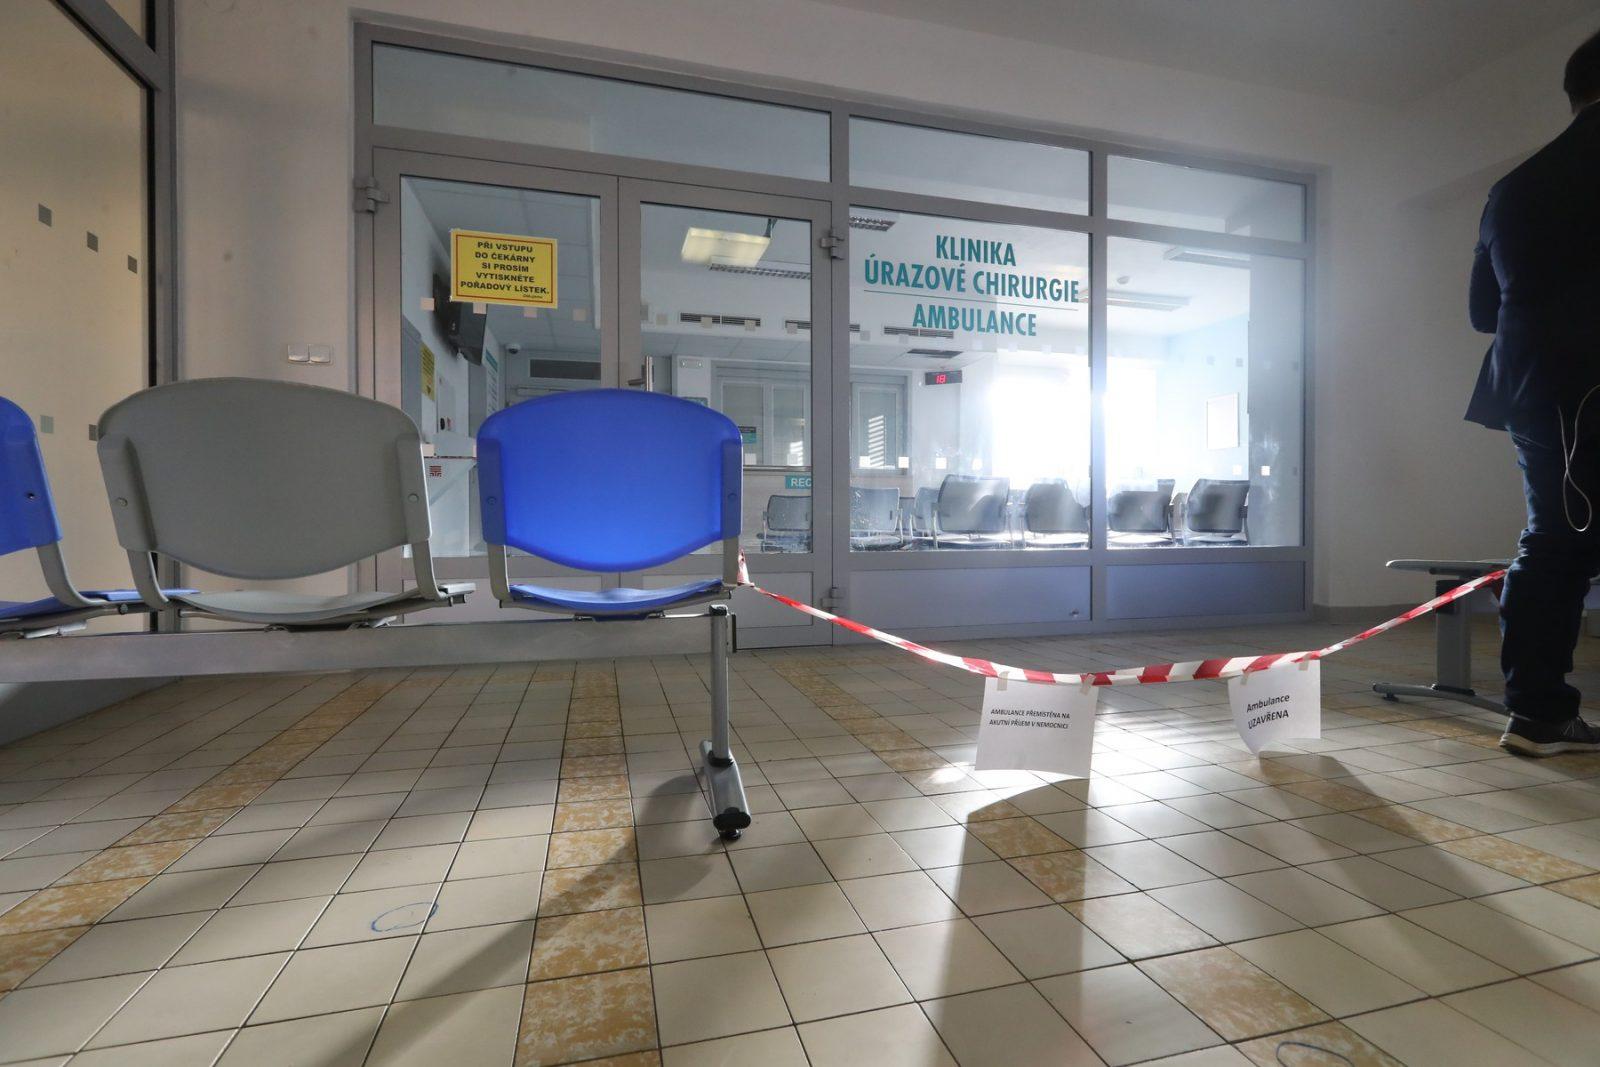 Střelba v čekárně úrazové ambulance ostravské fakultní nemocnice trvala čtyři minuty